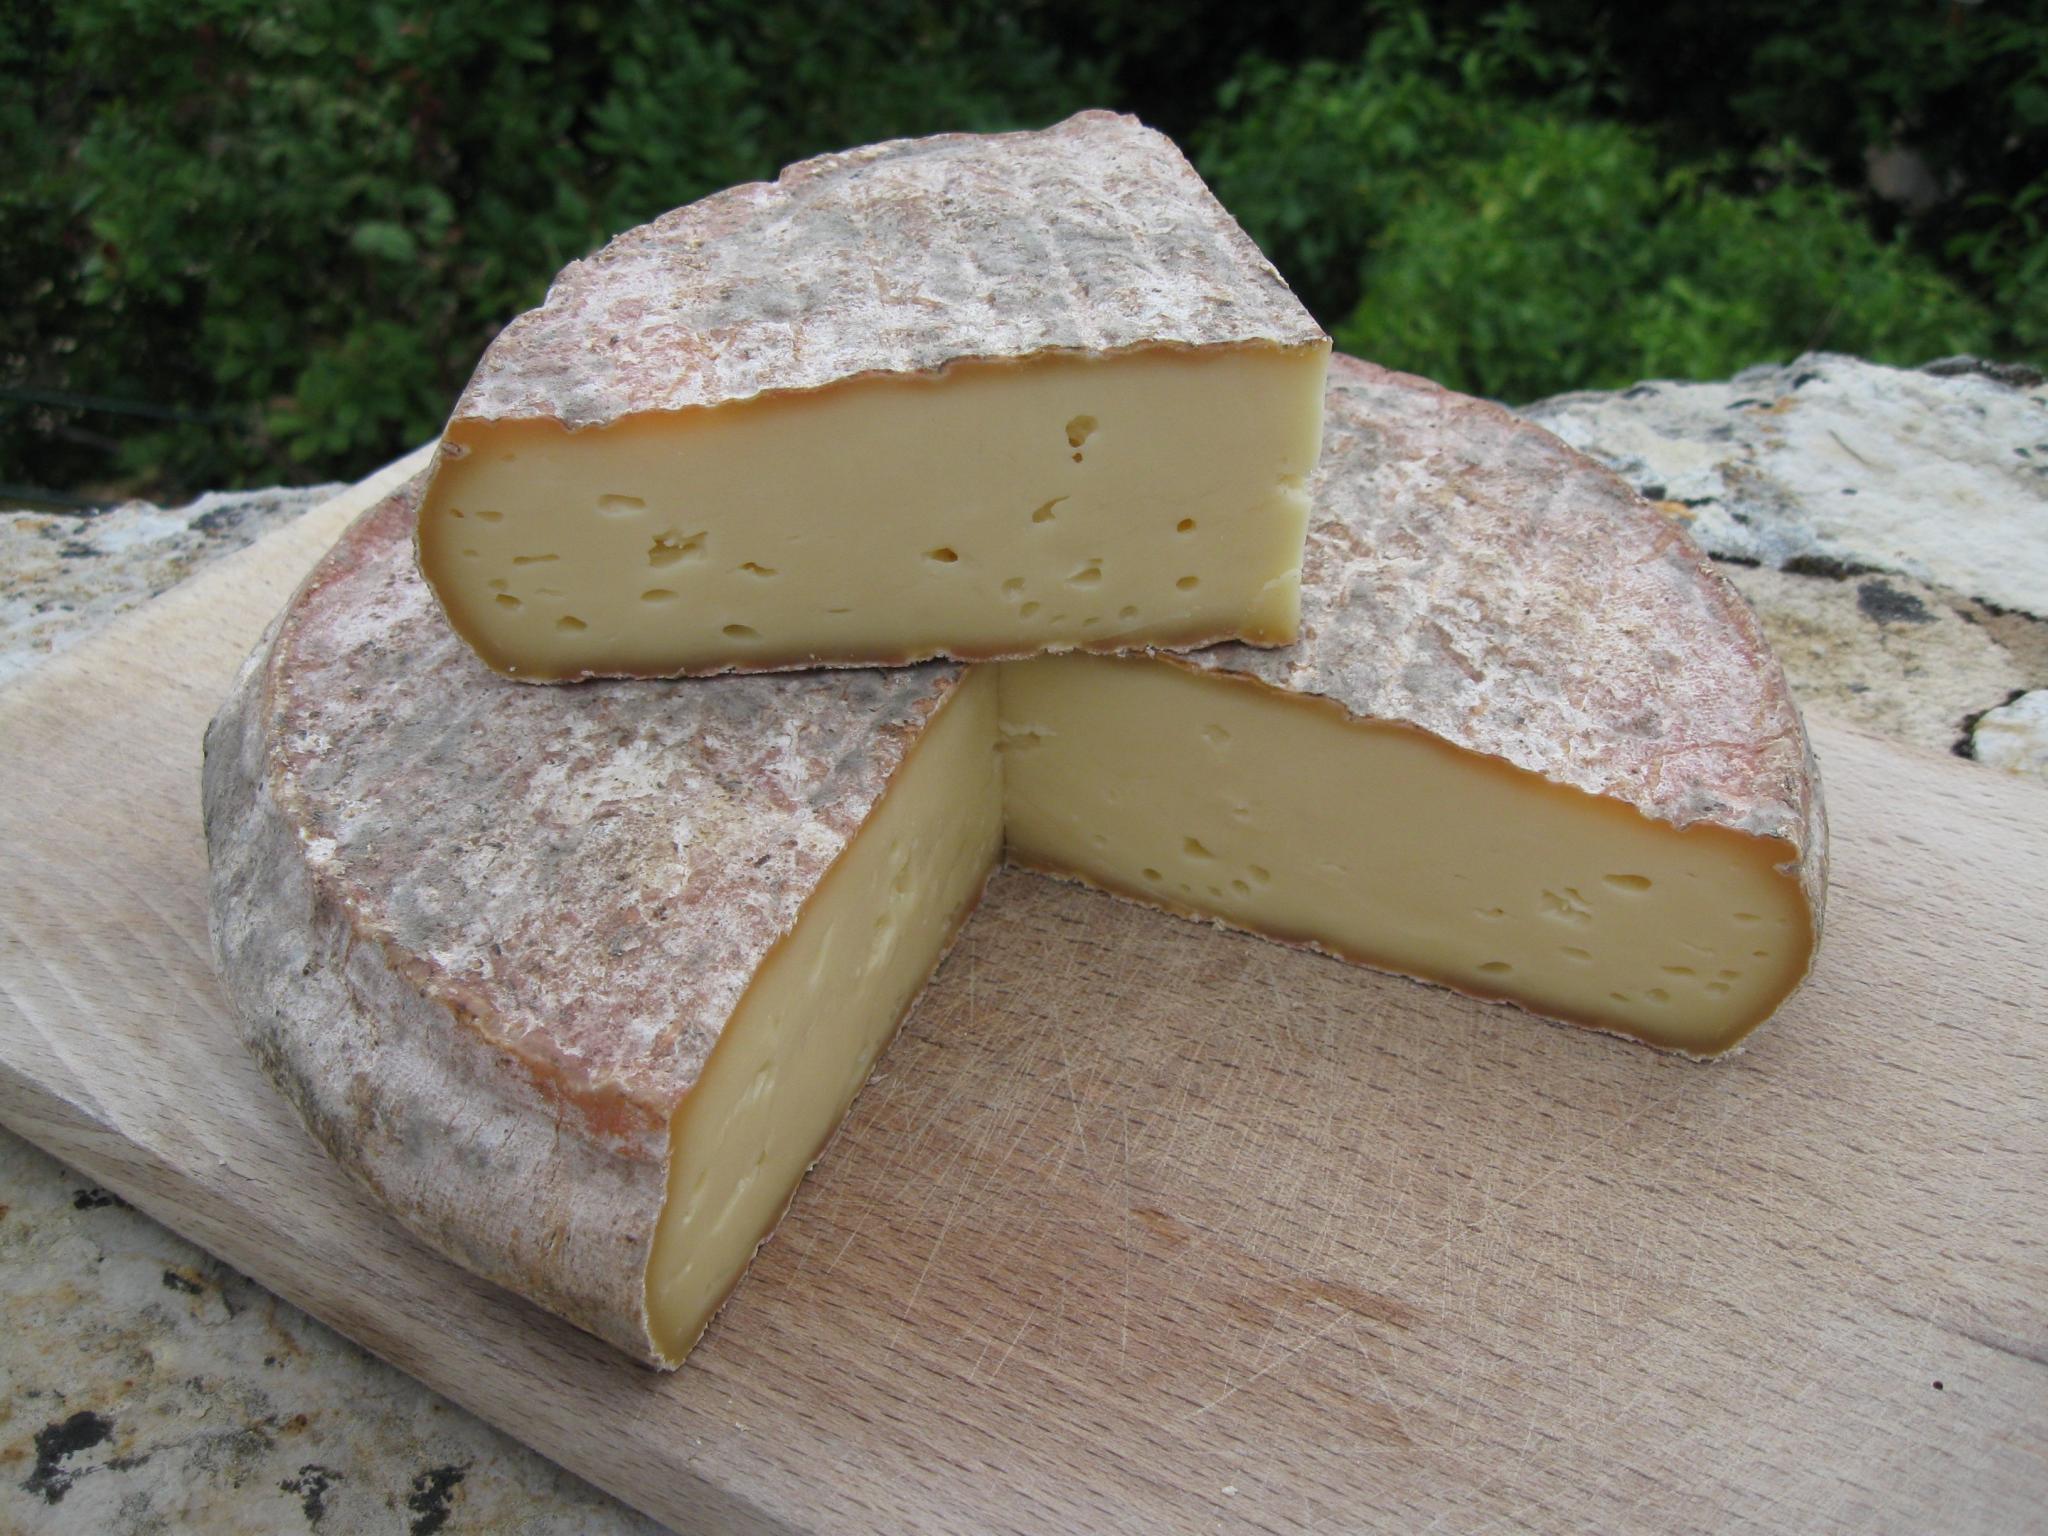 The Teakdoor Cheese Thread-saint-nectaire-jpg